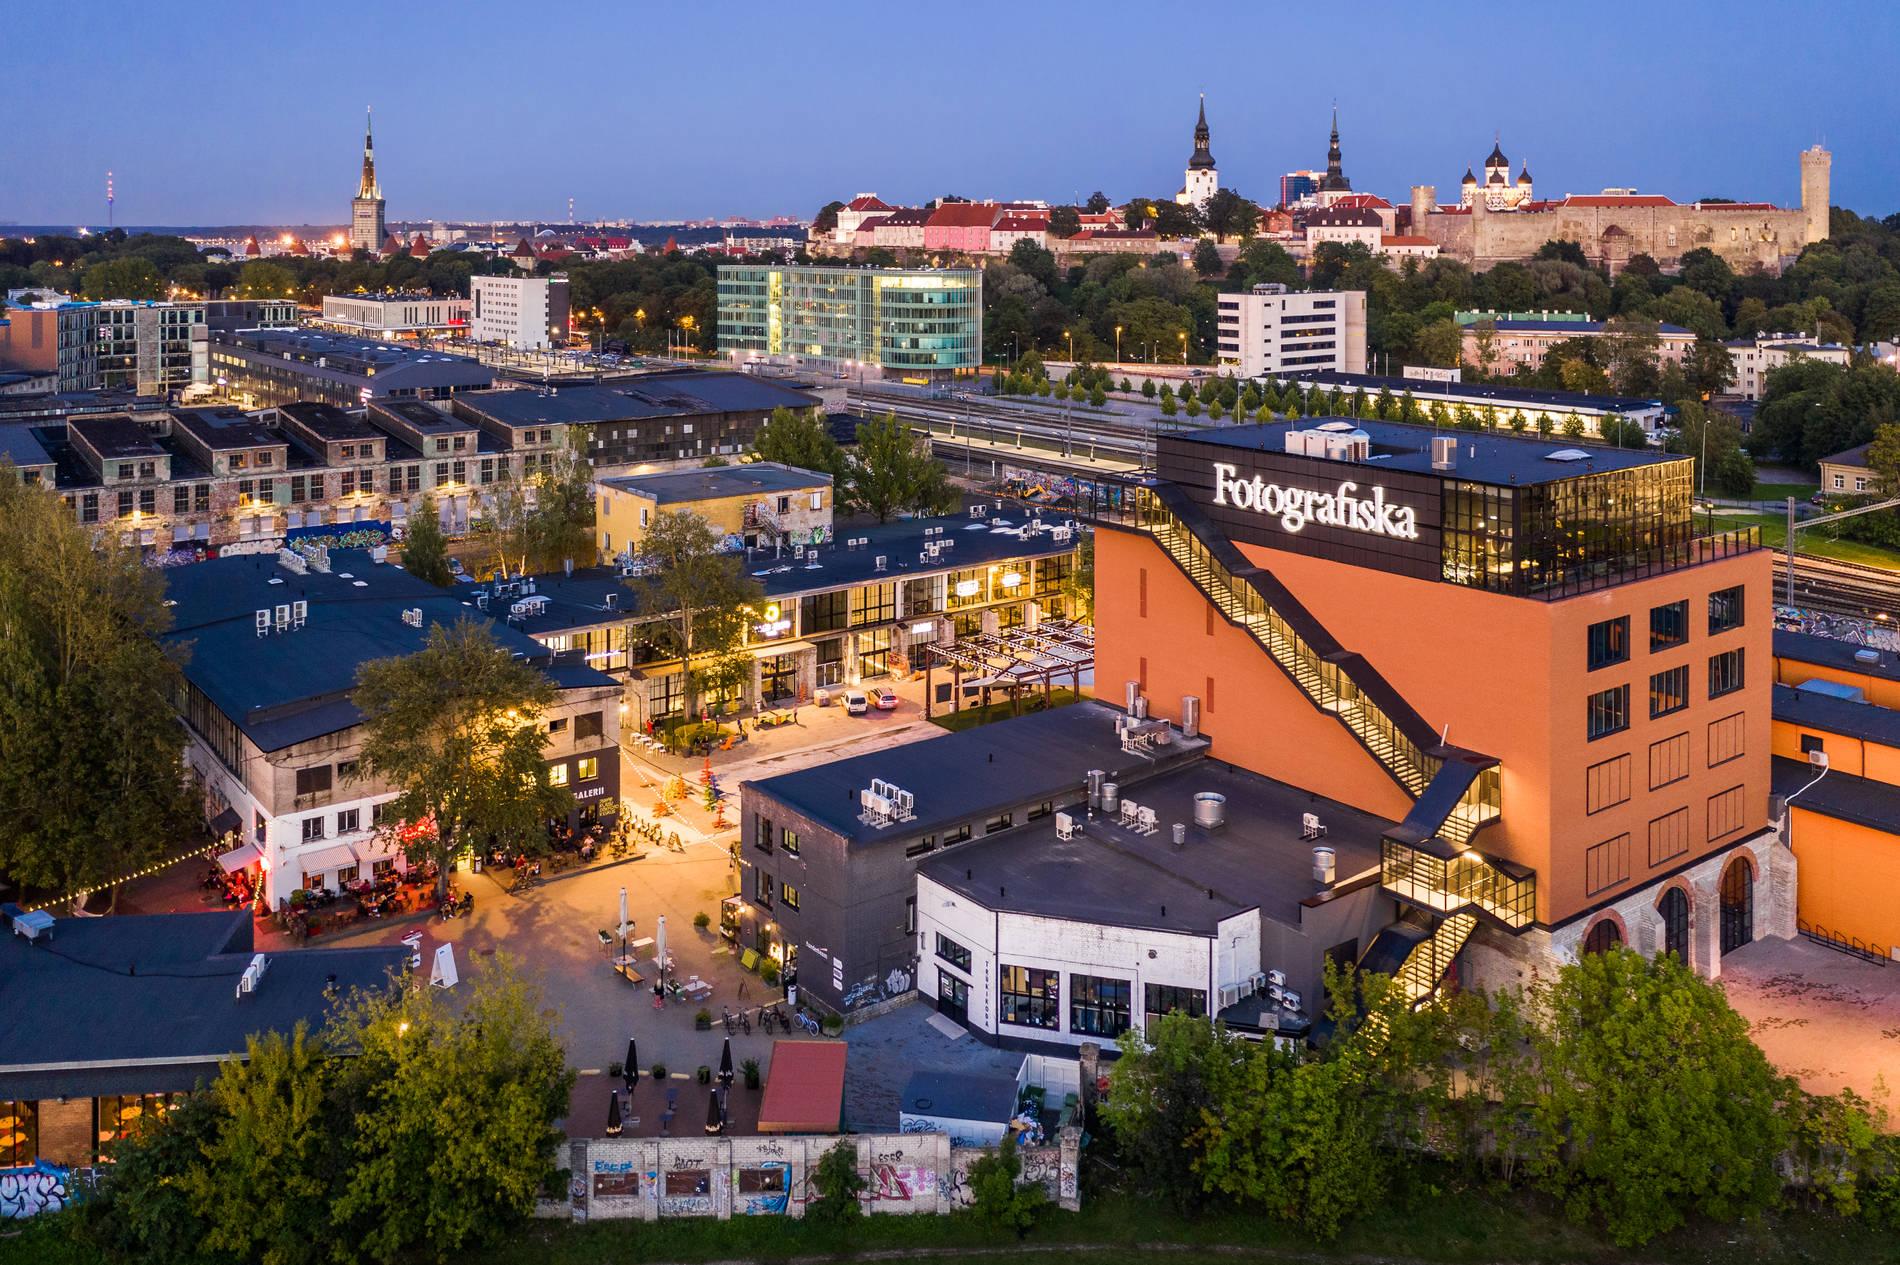 Аэрофото с видом на Теллискиви, Таллинн, Эстония